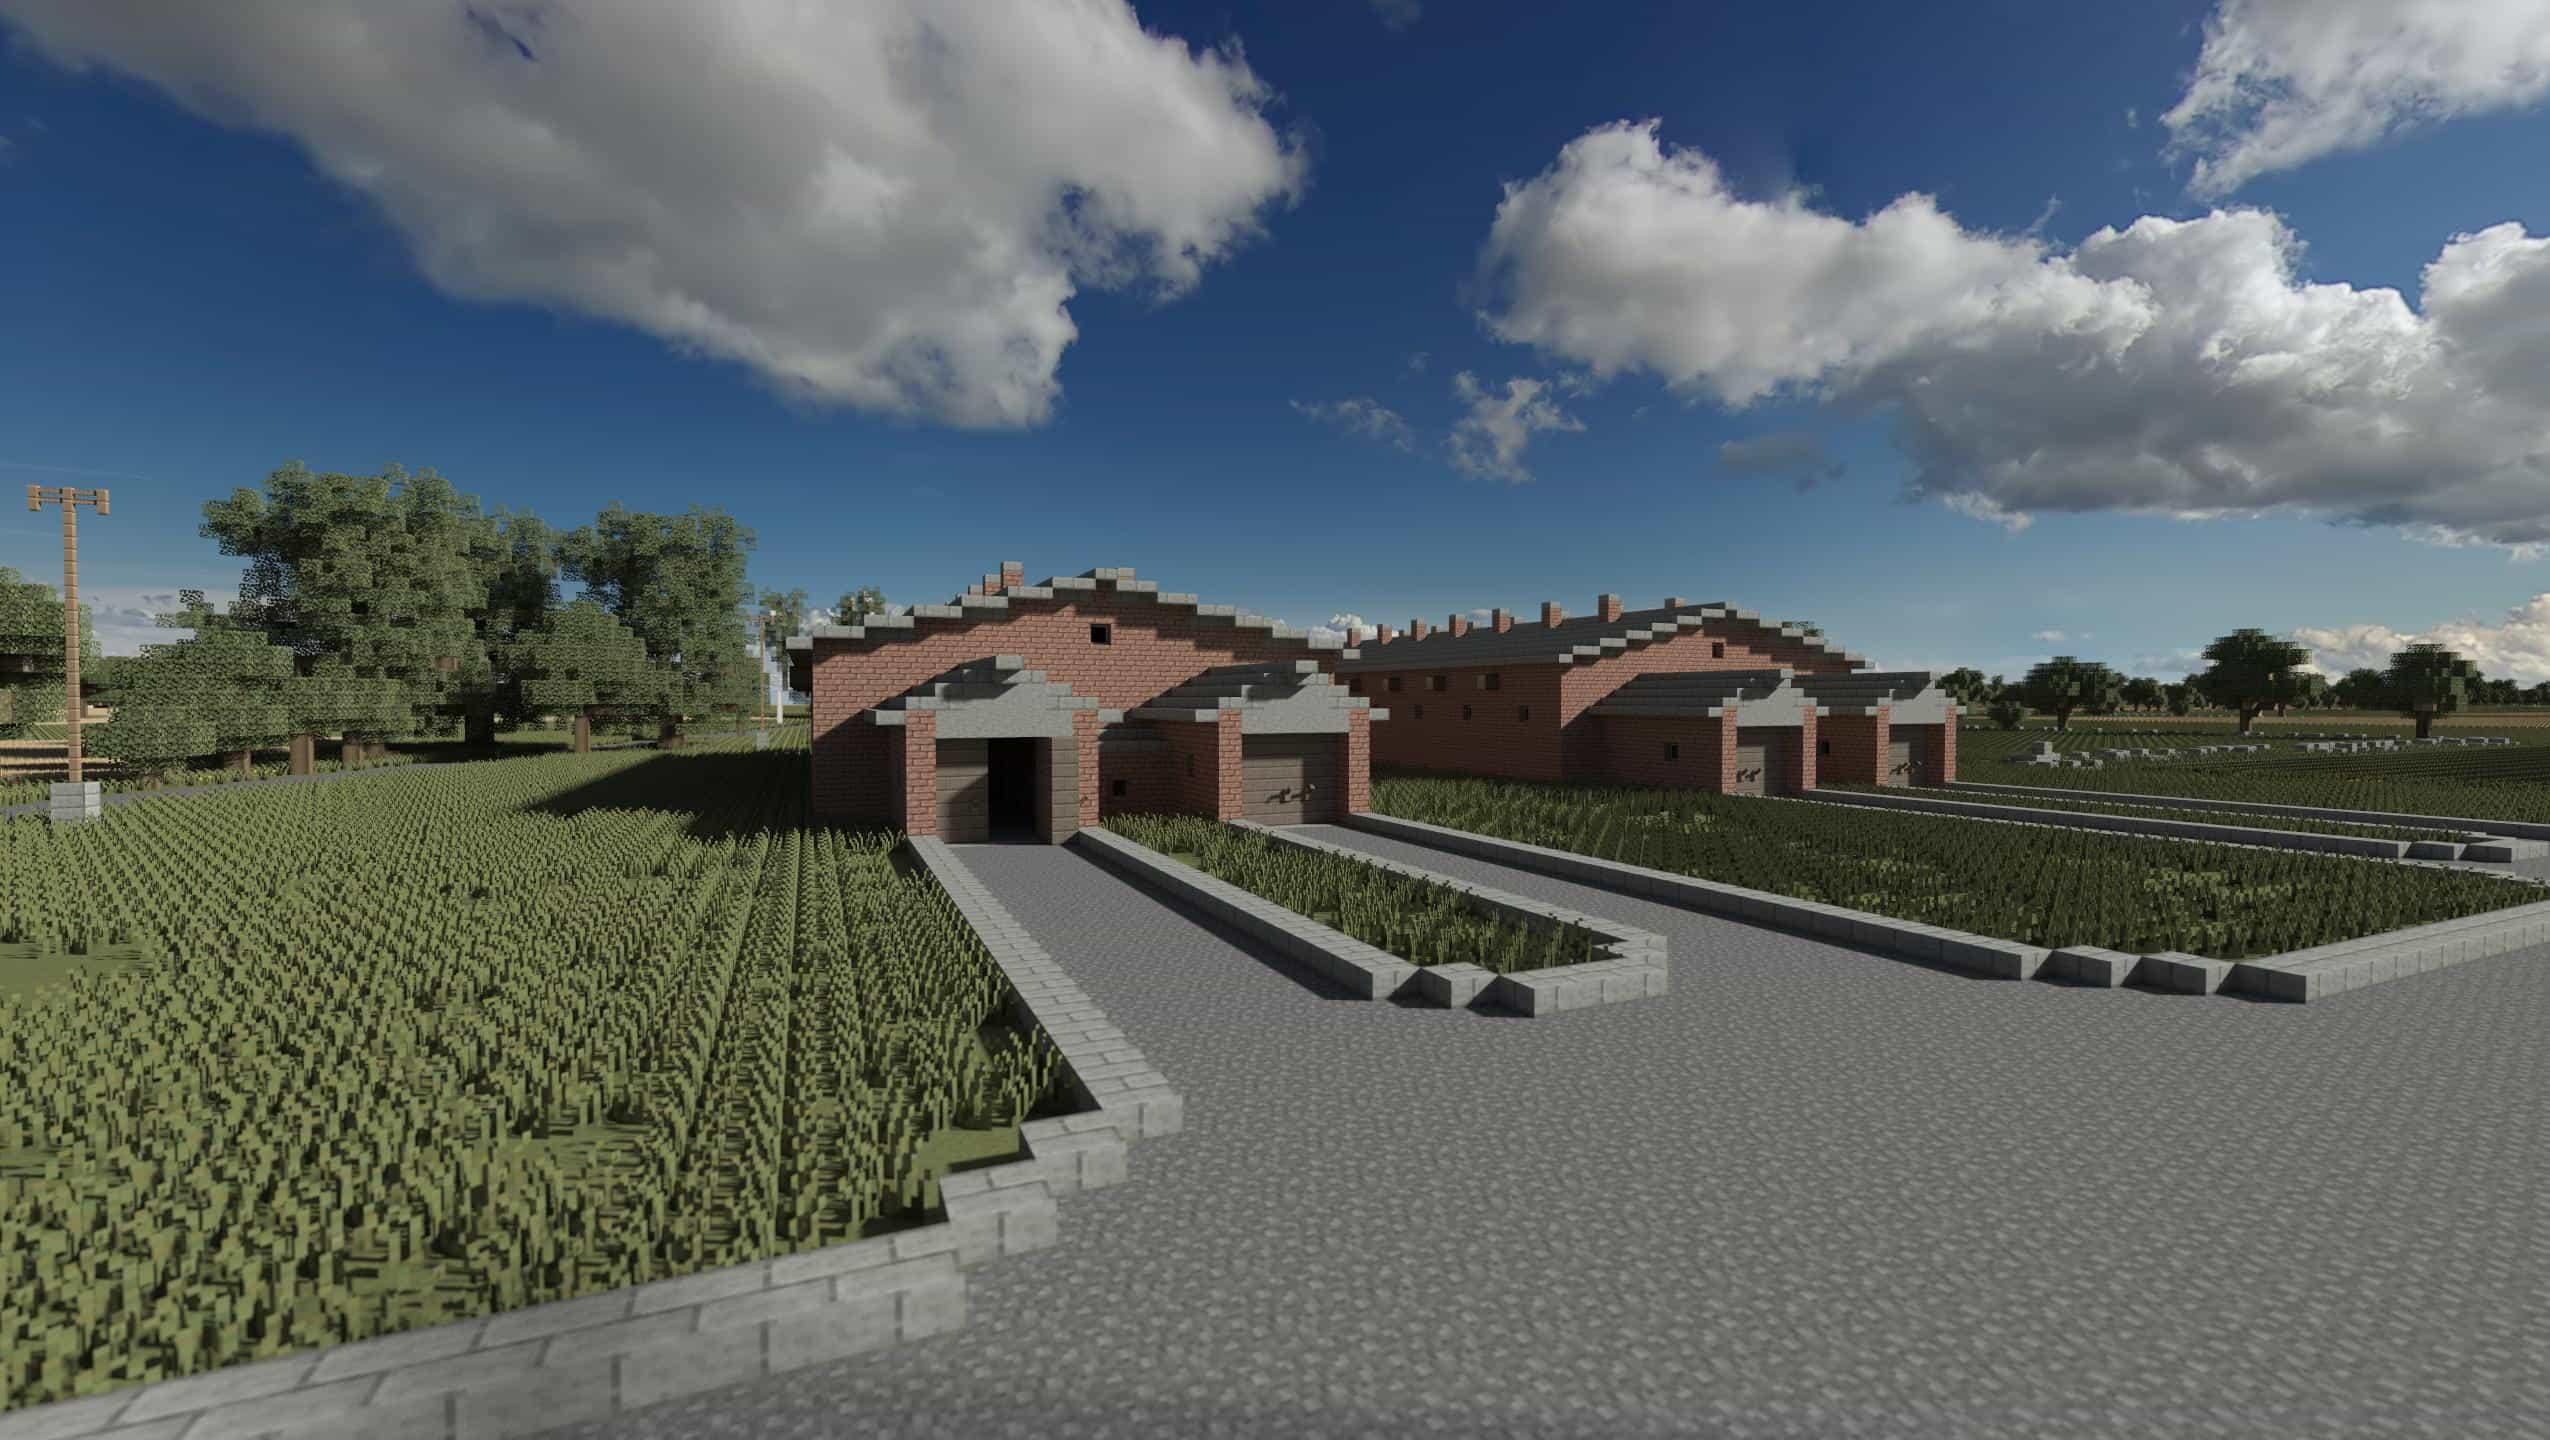 AUSCHWITZ-BIRKENAU, OSWIECIM, POLAND minecraft building ideas 7